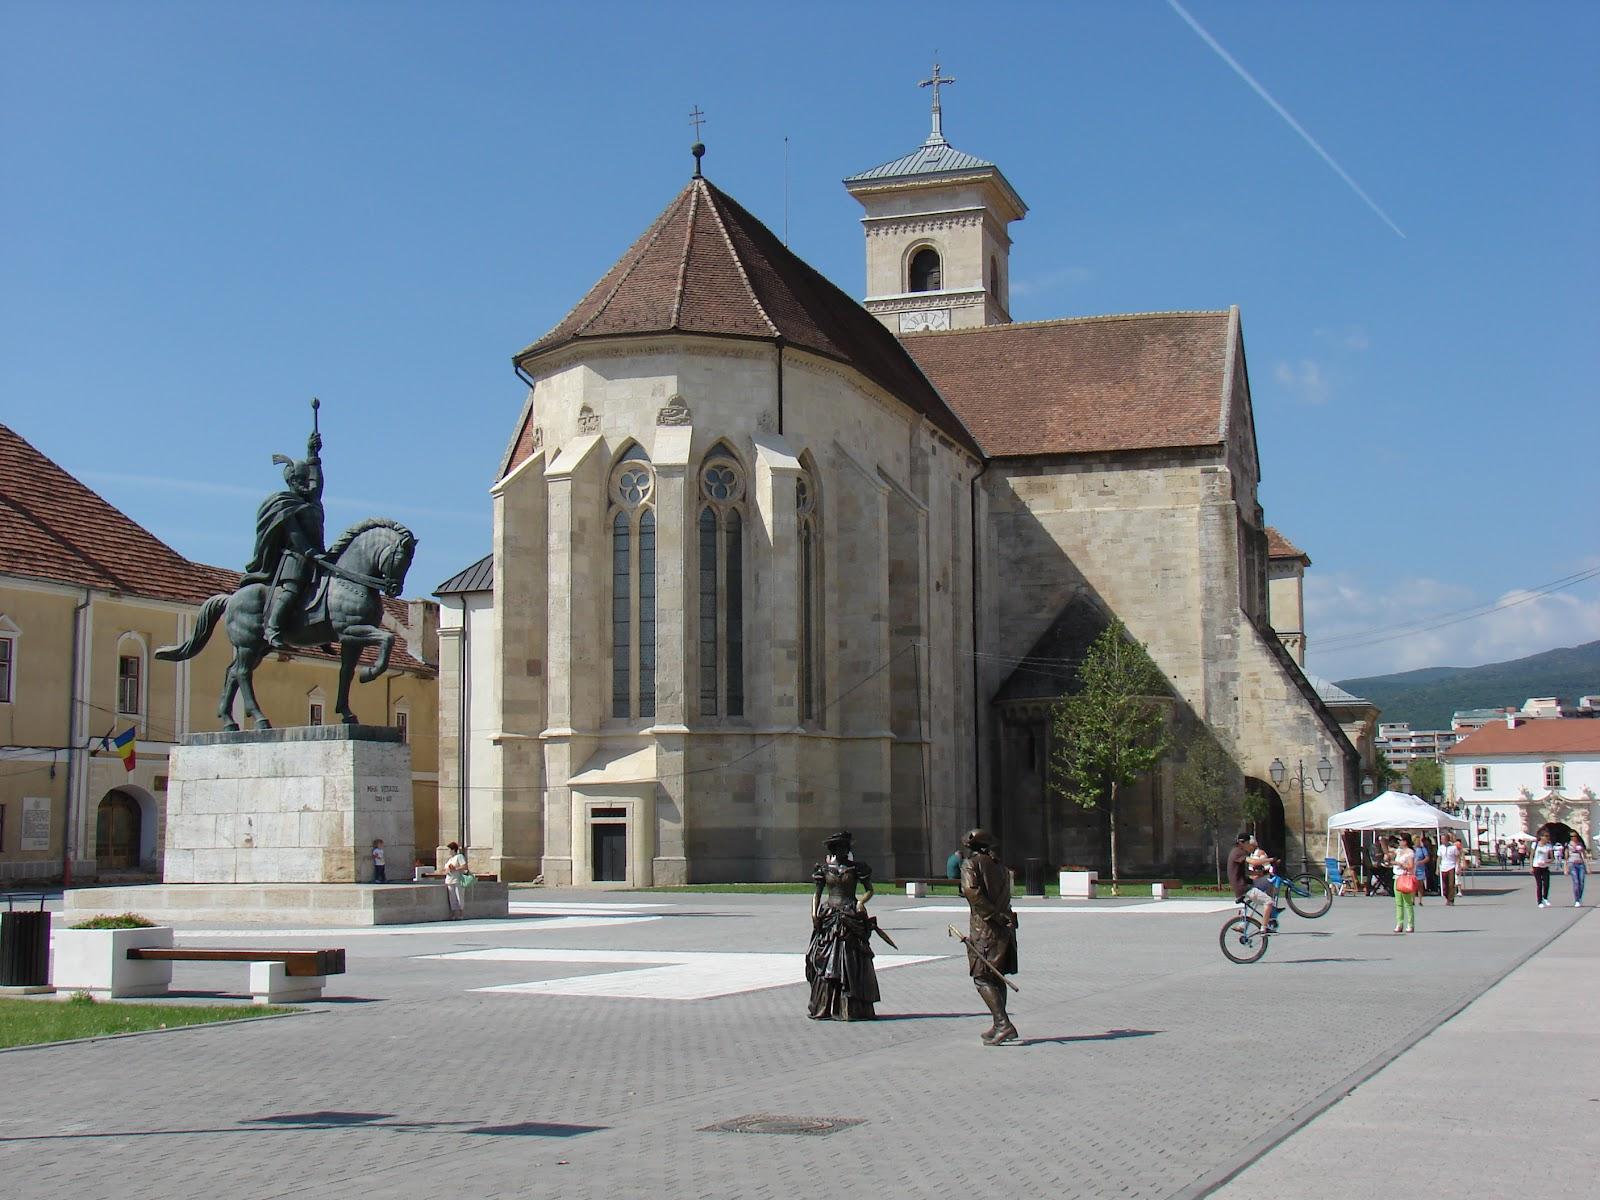 Catedrala Romano-Catolică și Statuia voievodului Mihai Viteazul din Alba Iulia